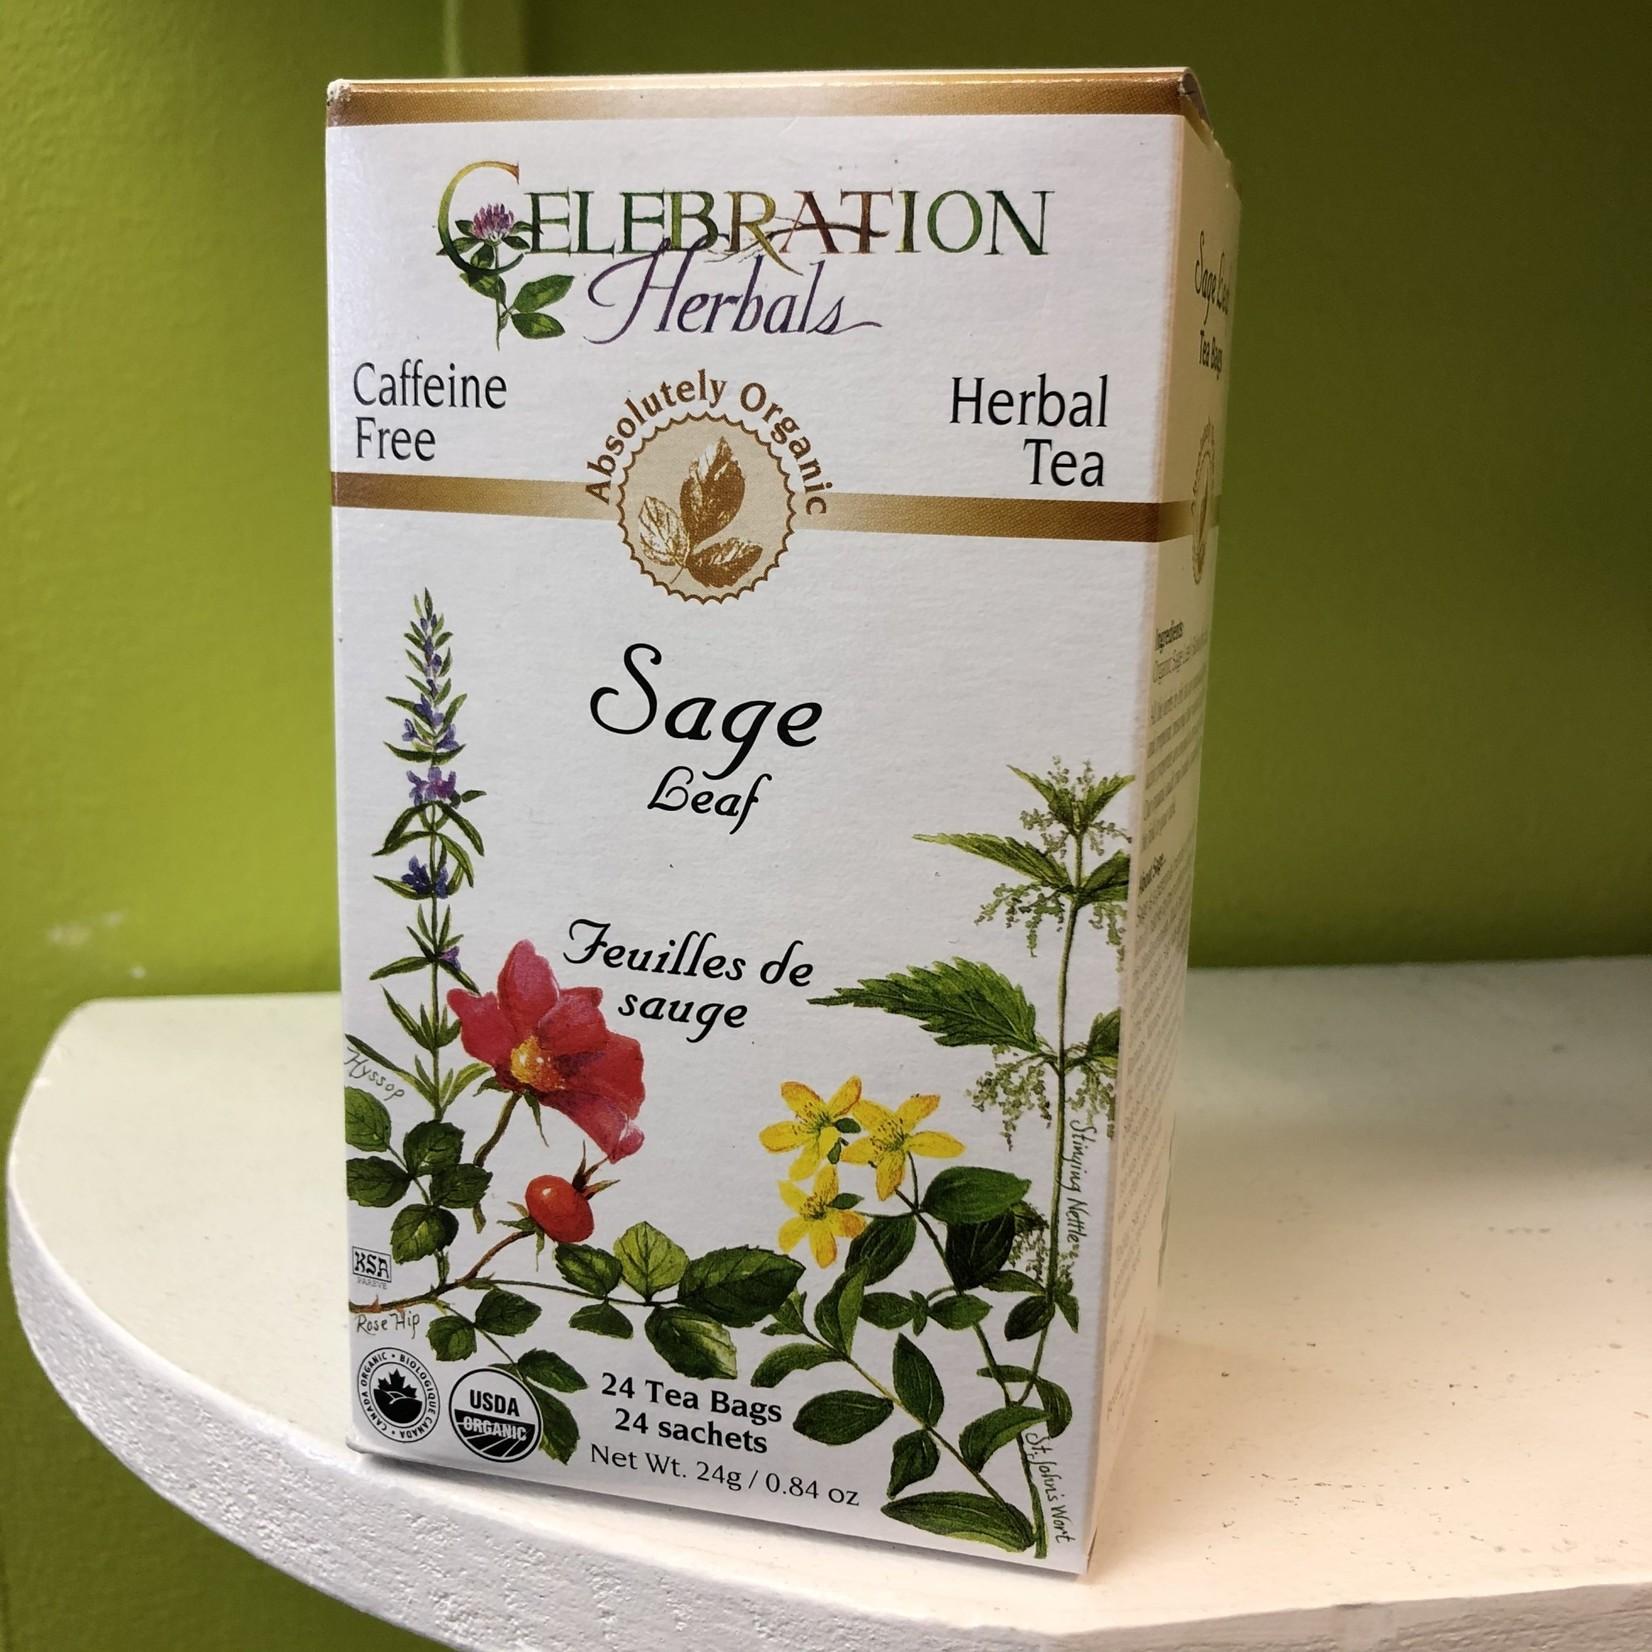 Celebration Herbals Celebration Herbals Sage Leaf 24 Tea Bags